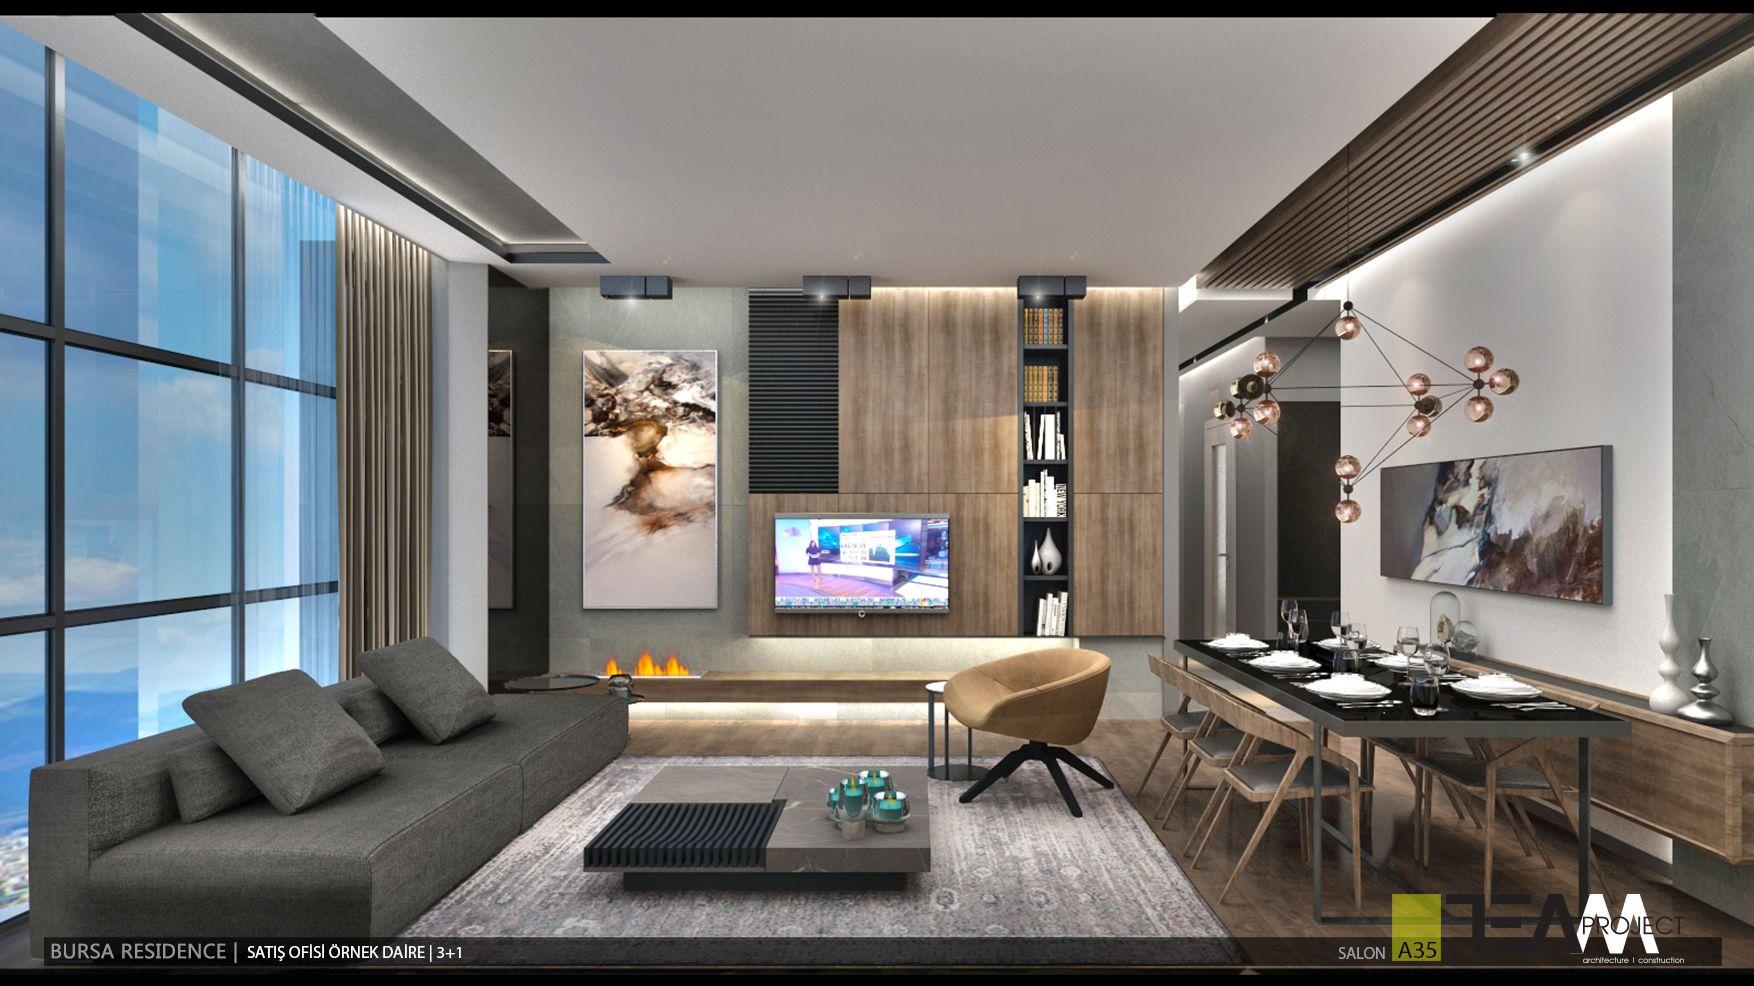 Interiors Rnek Daire Imimari Tasarm ScholarshipsArchitecture Interior DesignLiving RoomPortfolio